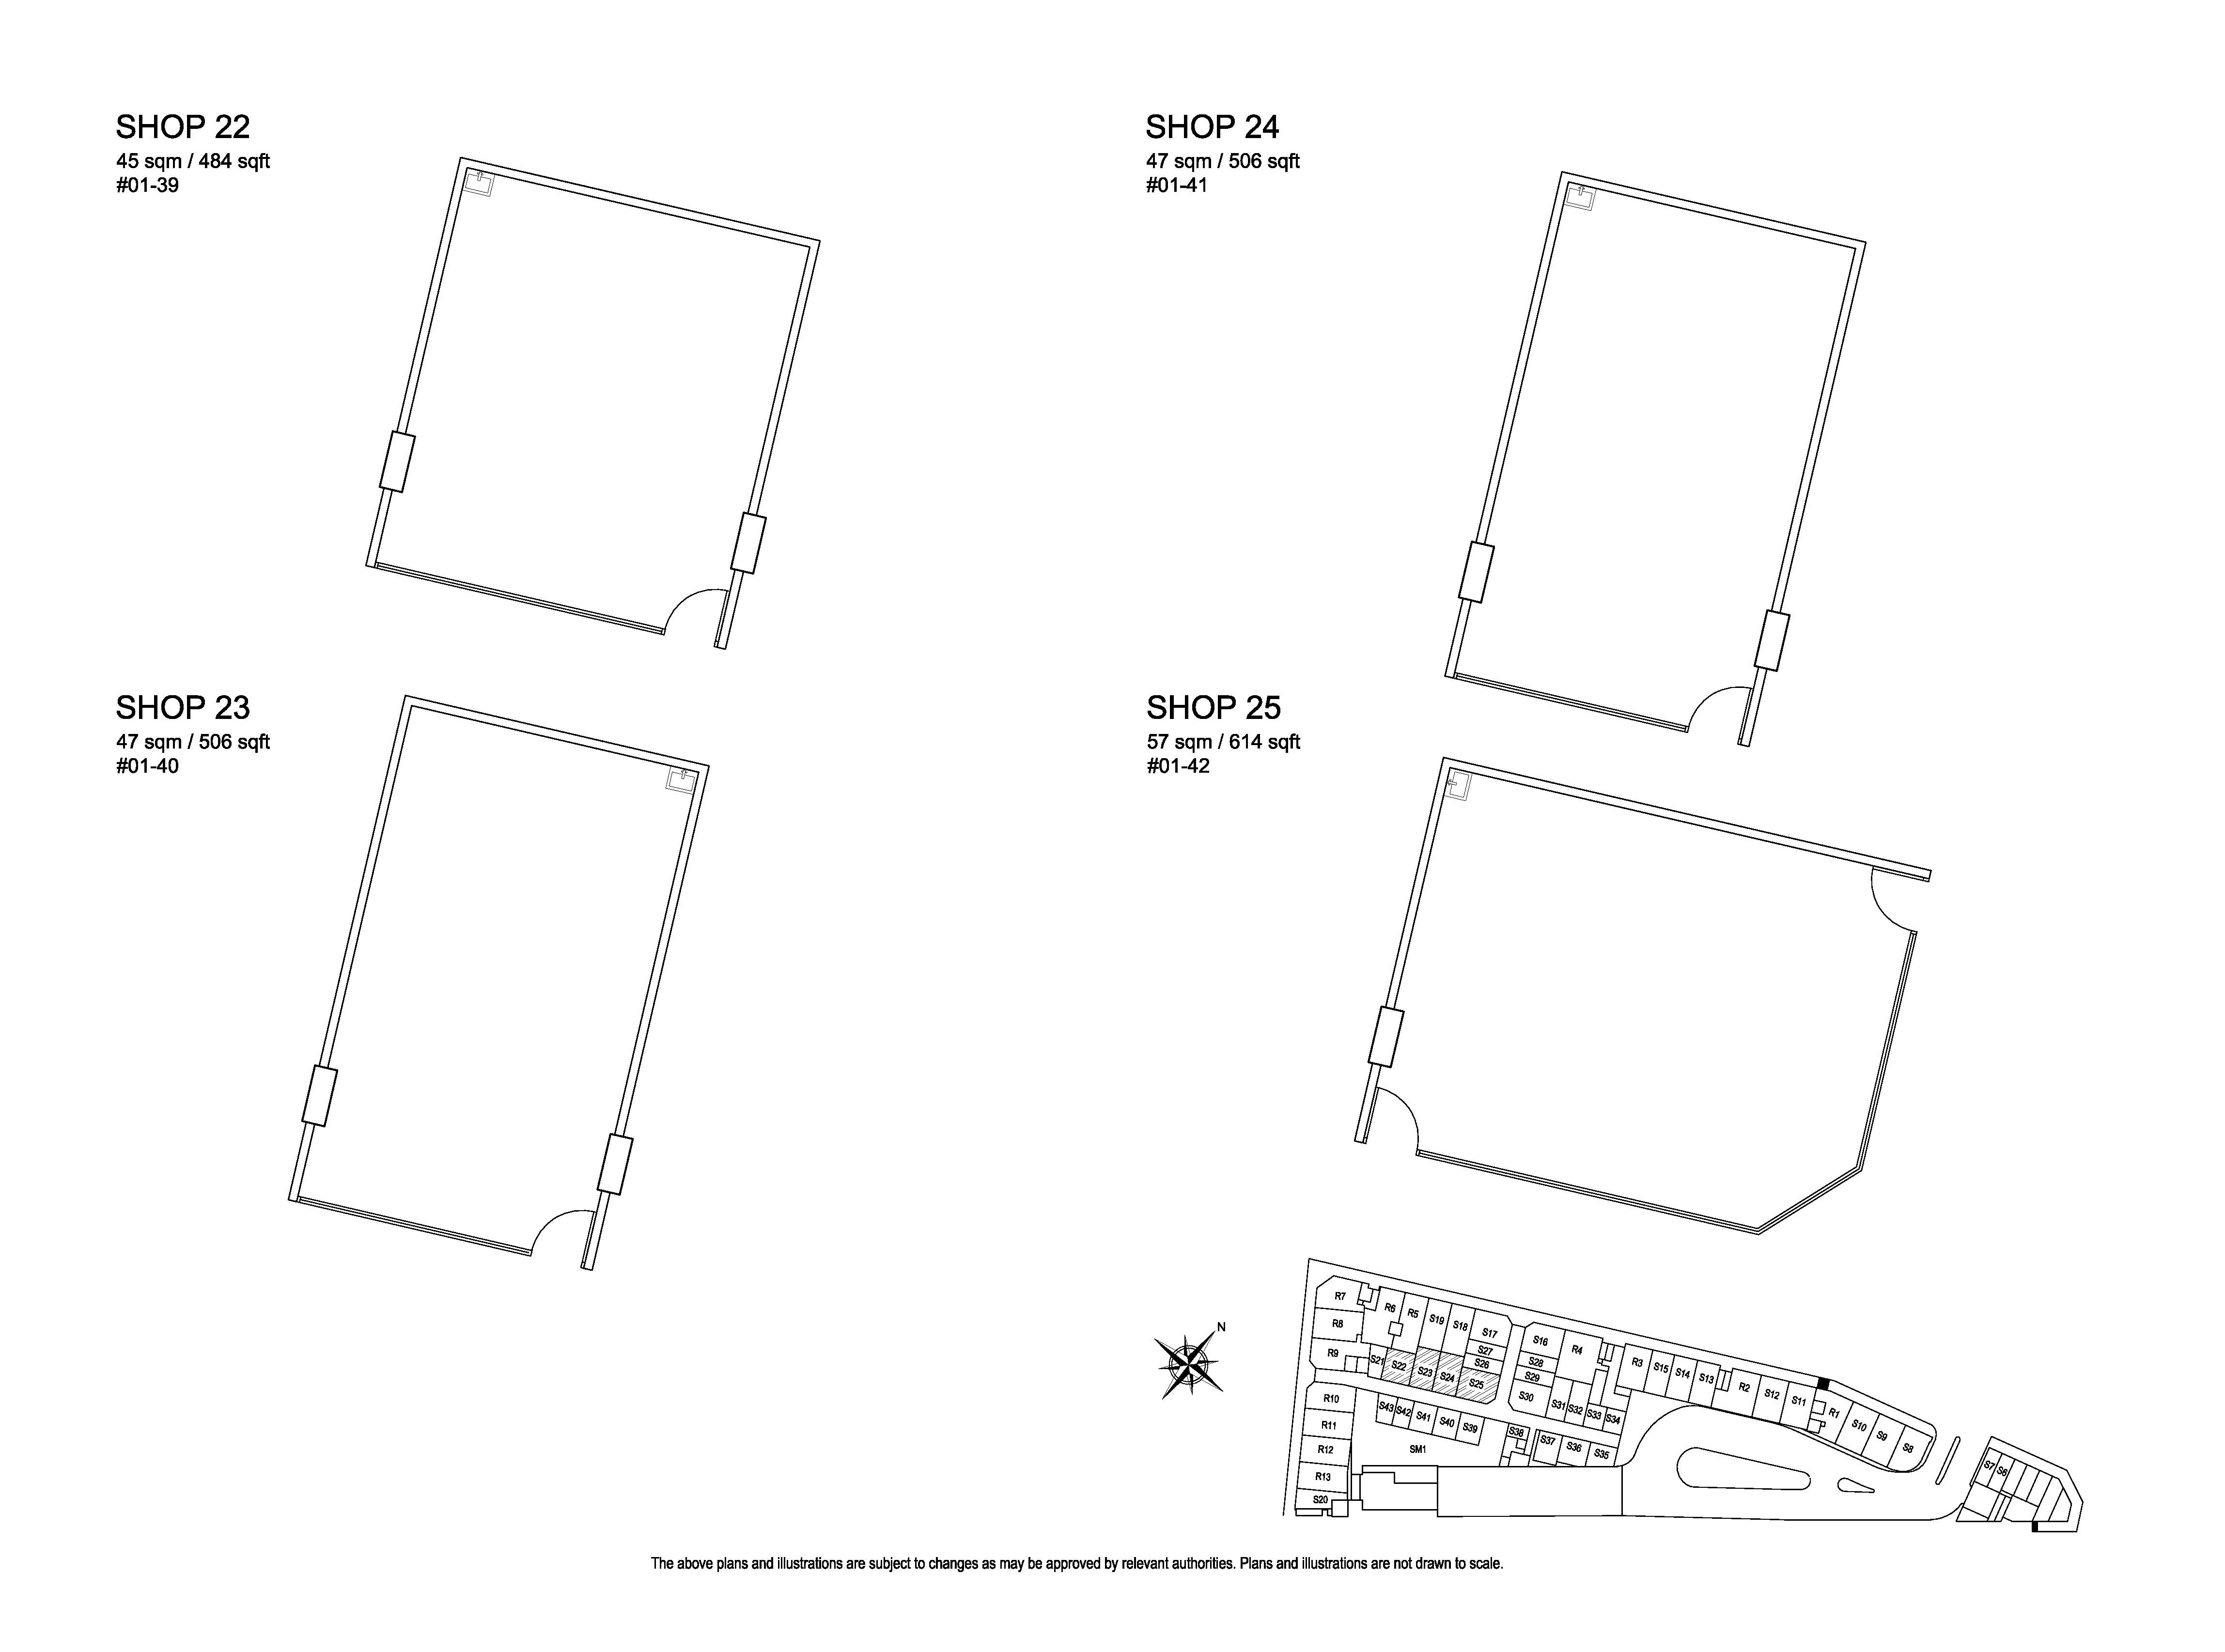 Kensington Square Shop 22,23,24,25 Floor Plans